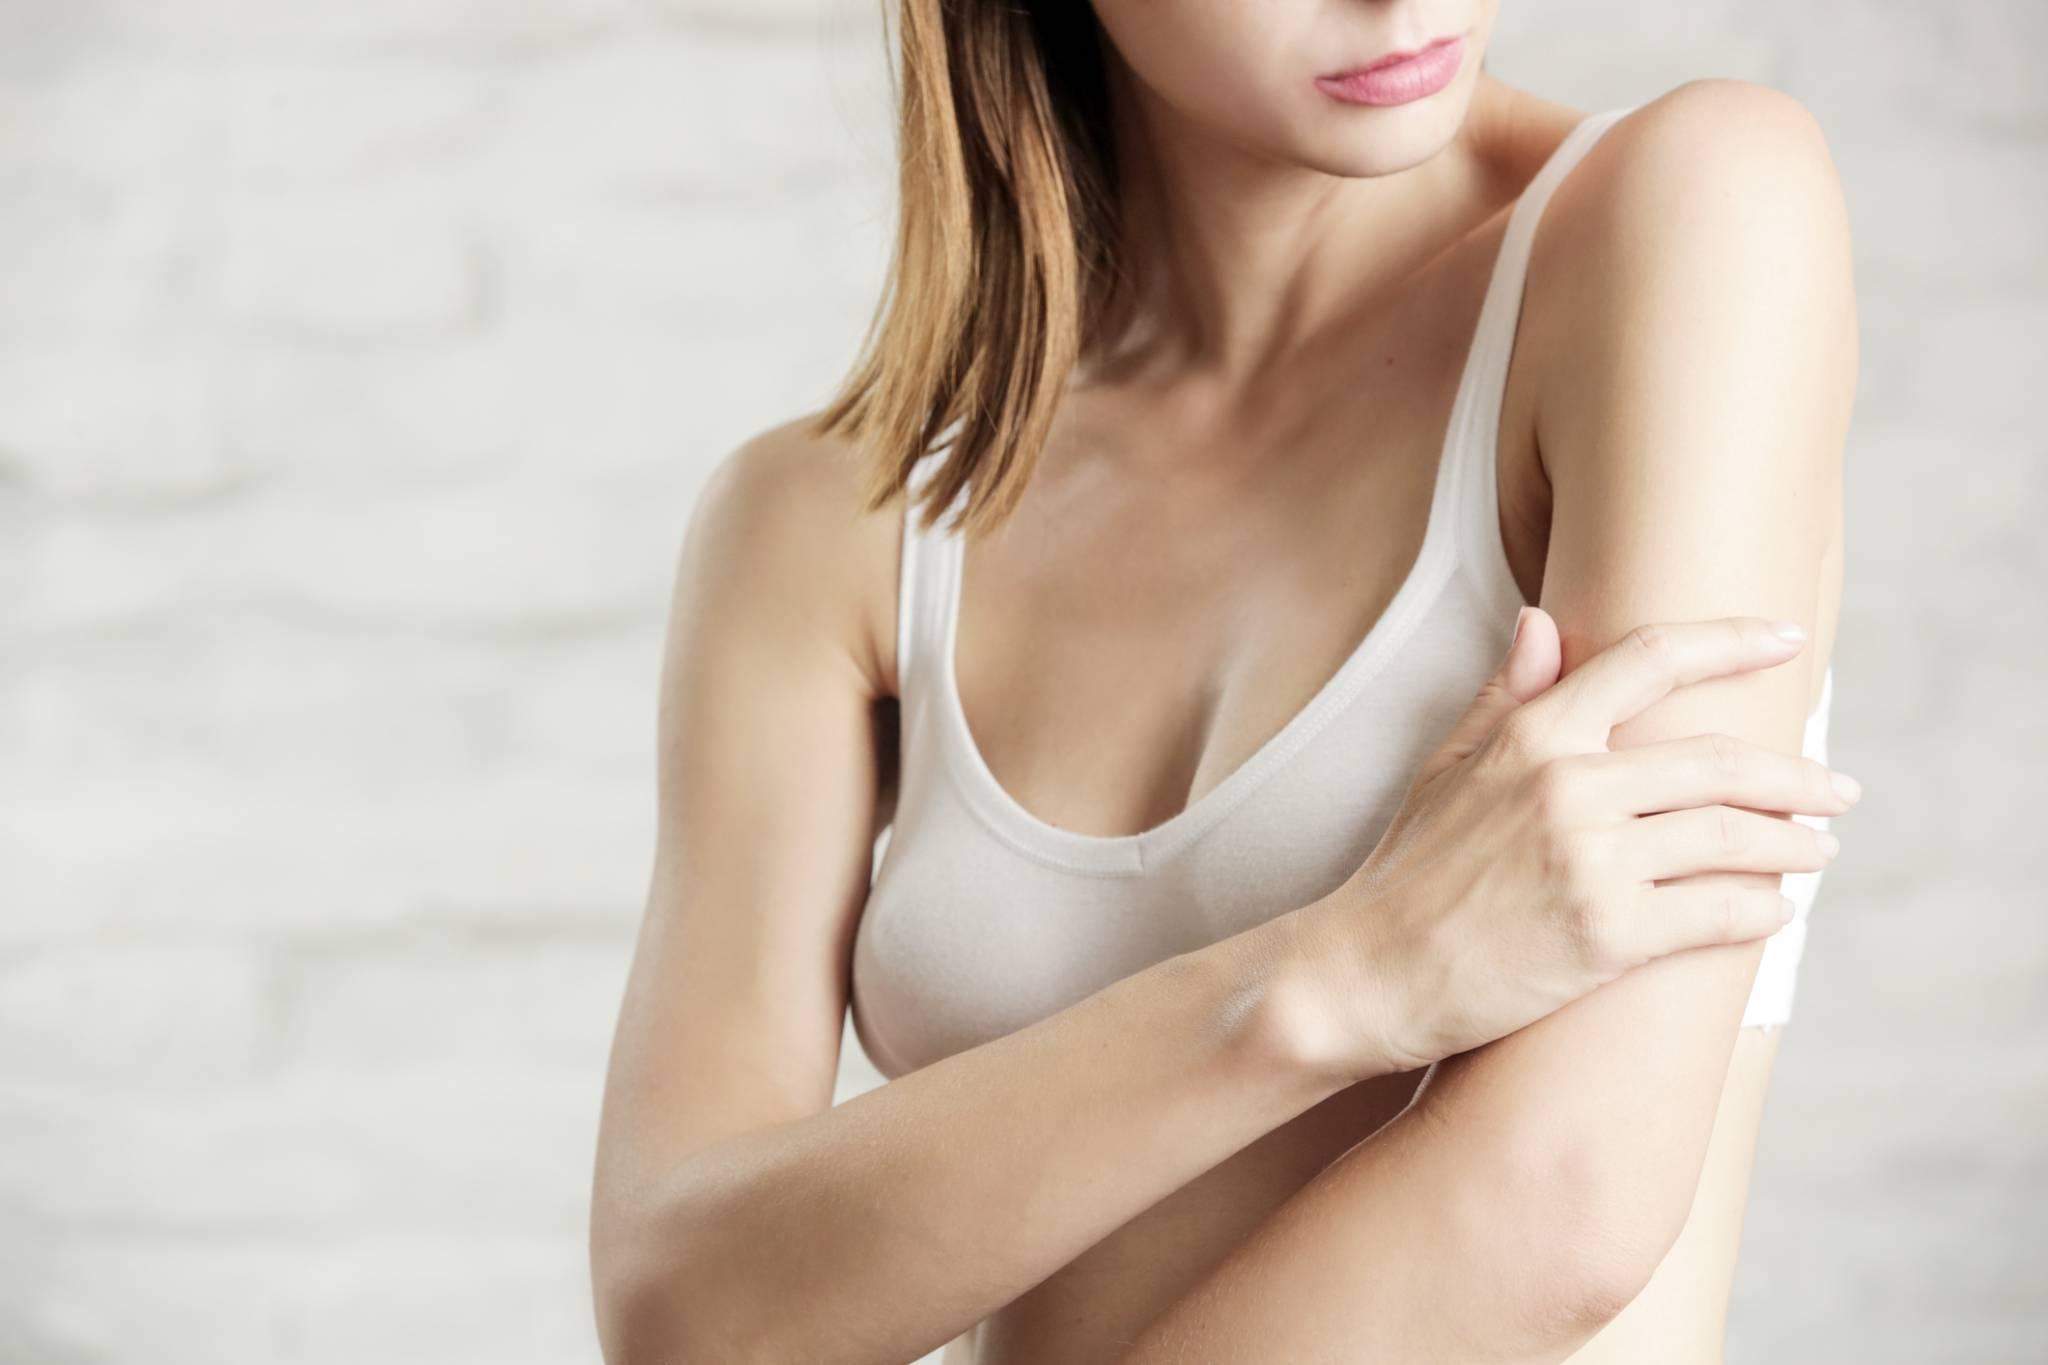 AZS choroba - jakie są objawy i jak przebiega leczenie atopowego zapalenia skóry?